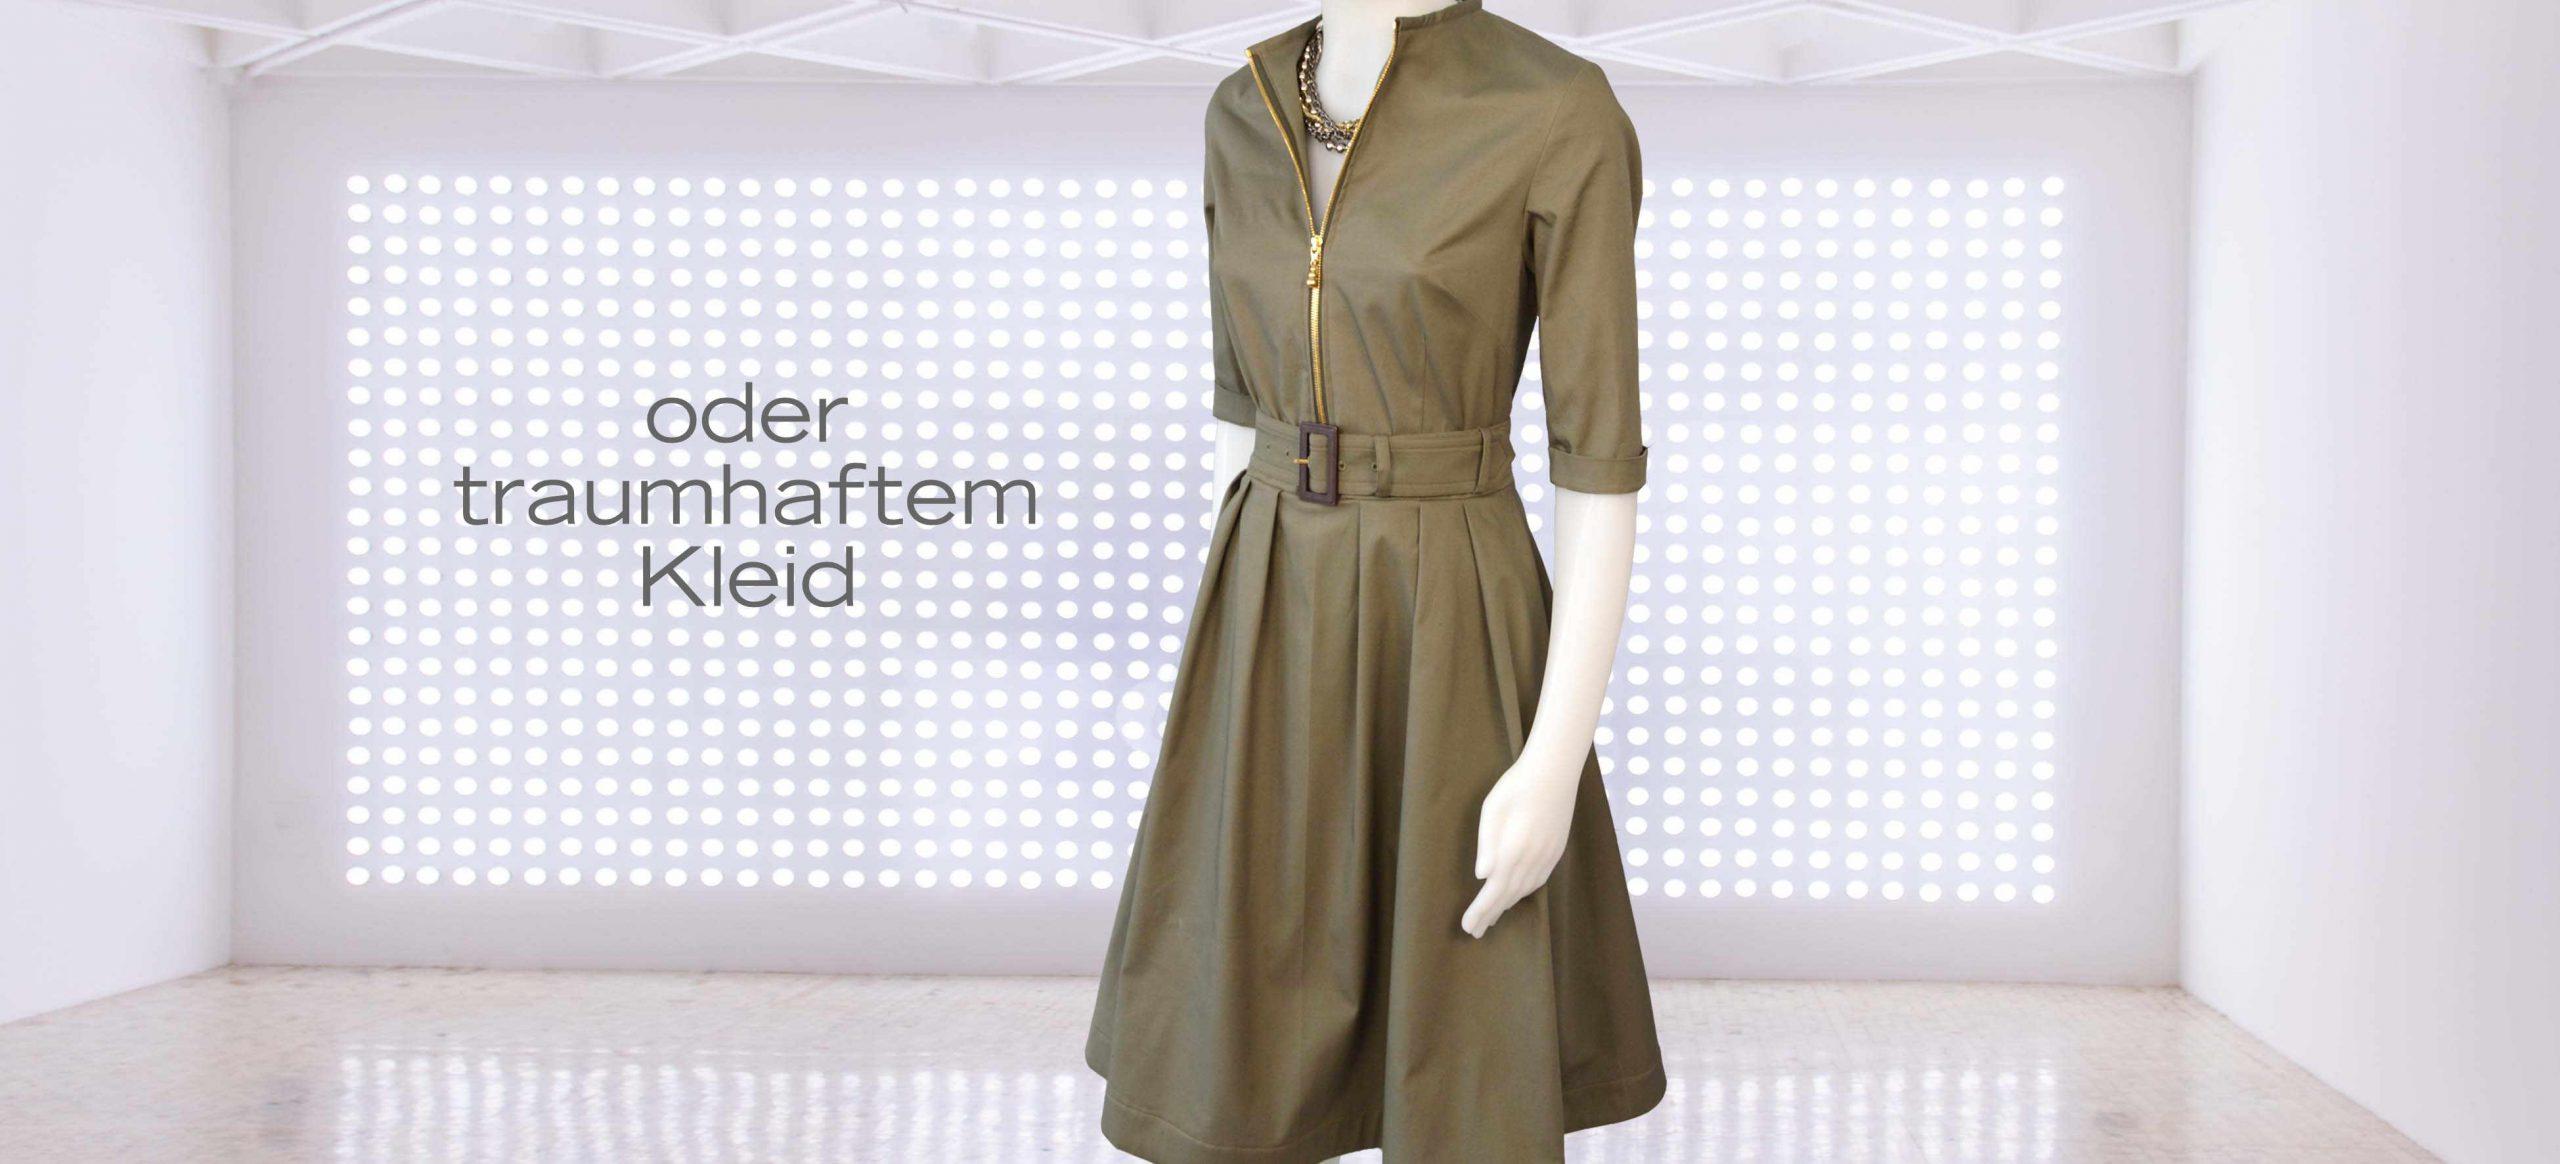 Kleider_auf-maß-mode-hamburg-kleider-buerokleid-anfertigung